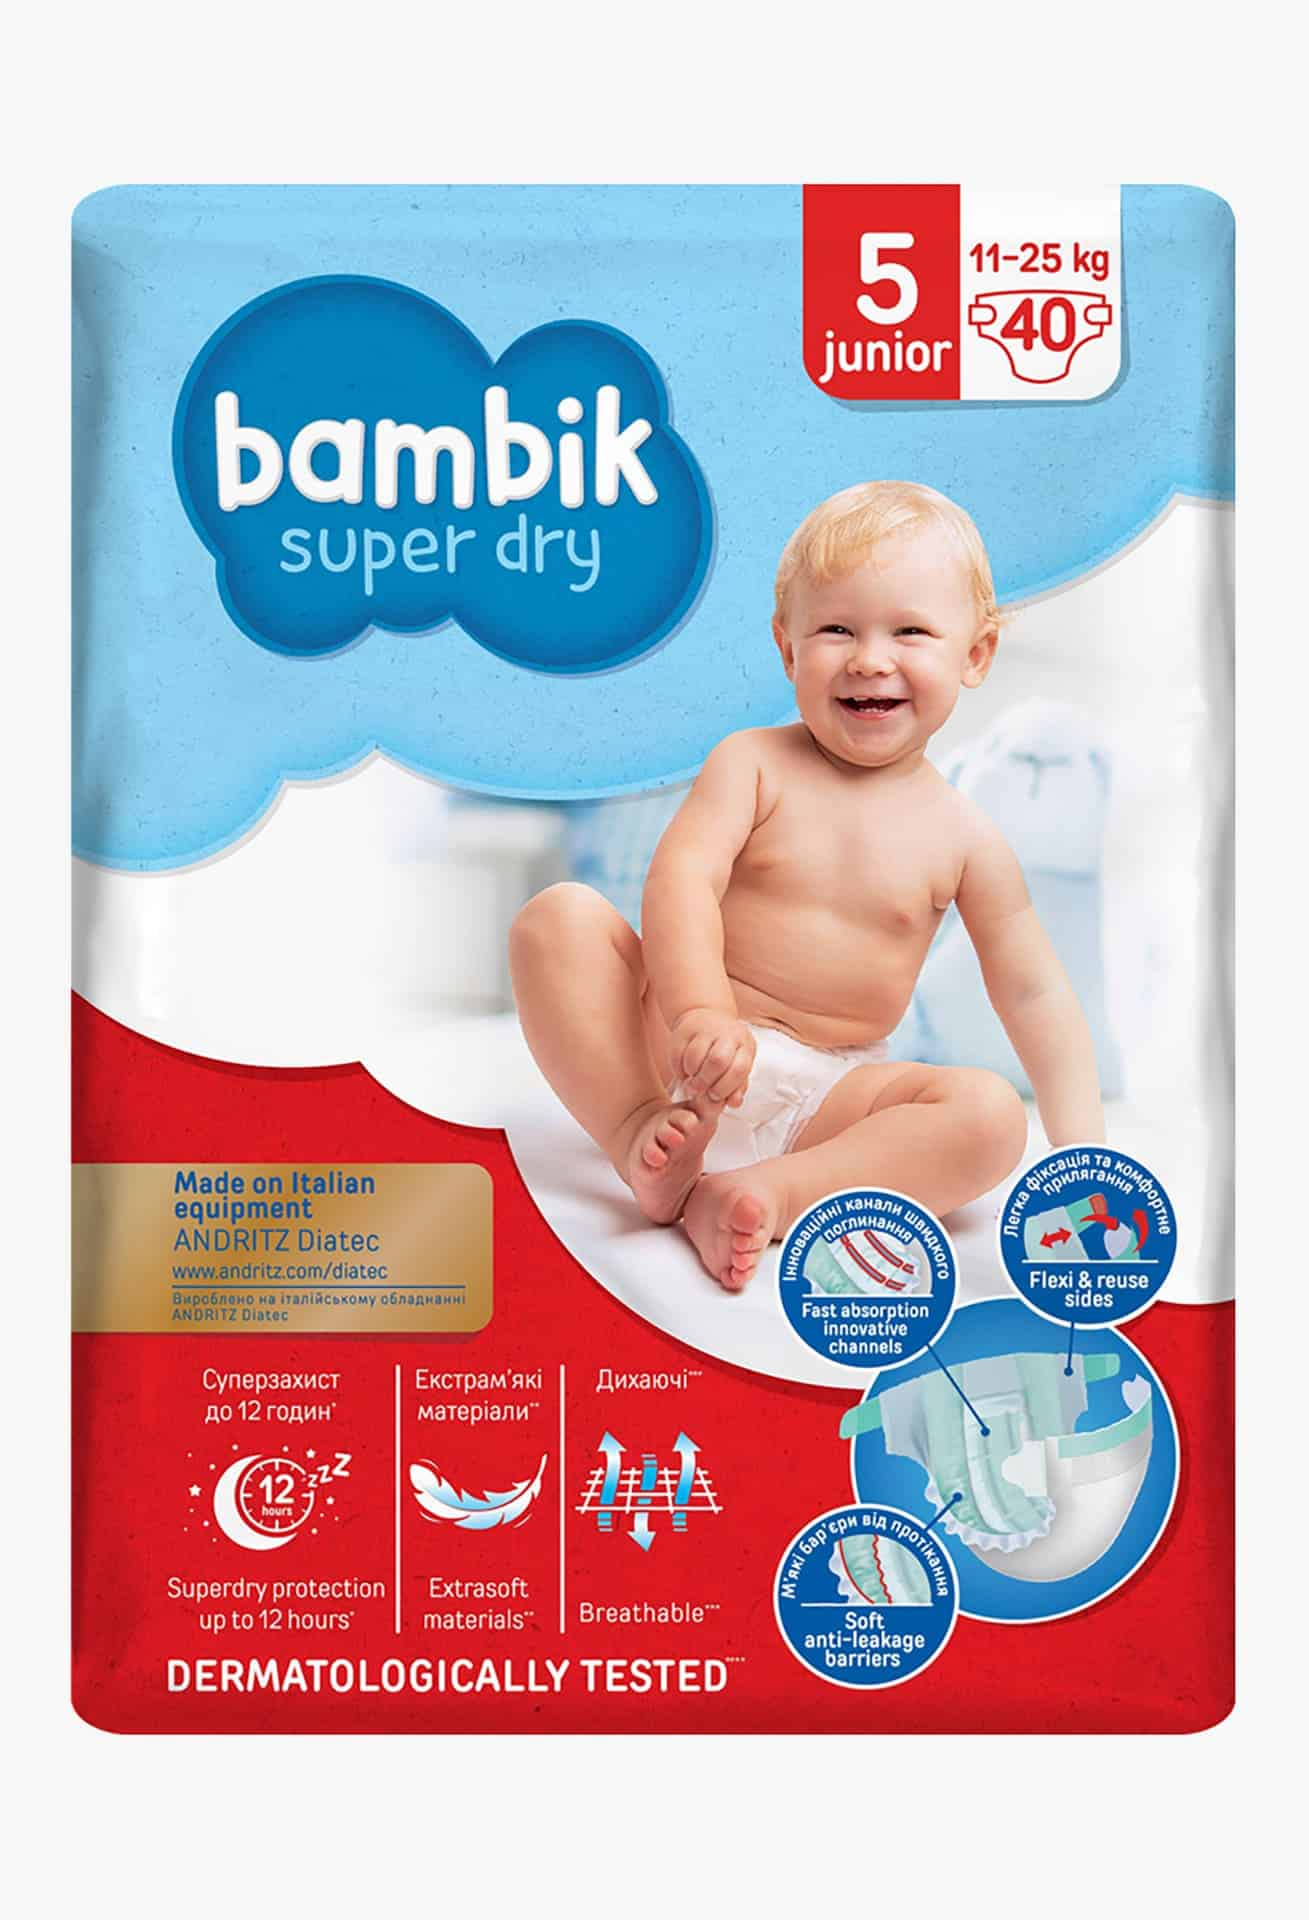 Bambik підгузки дитячі одноразові Jumbo (5) JUNIOR (11-25кг), 40шт.